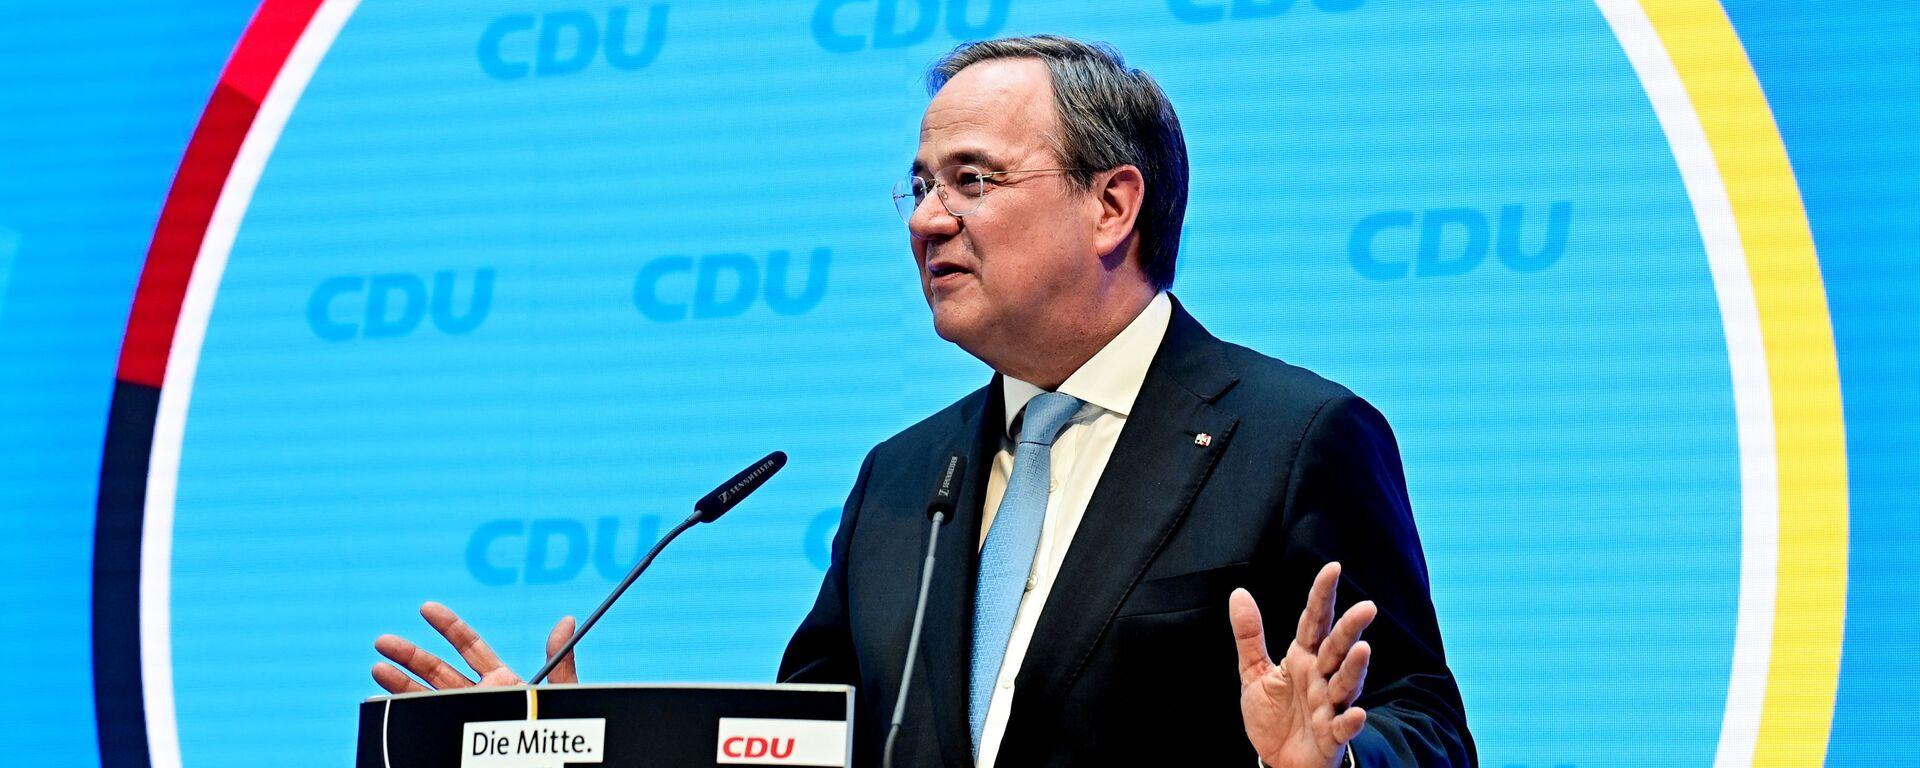 Глава Христианско-демократического союза (ХДС) Германии, премьер-министр земли Северный Рейн - Вестфалия Армин Лашет - Sputnik Латвия, 1920, 27.09.2021